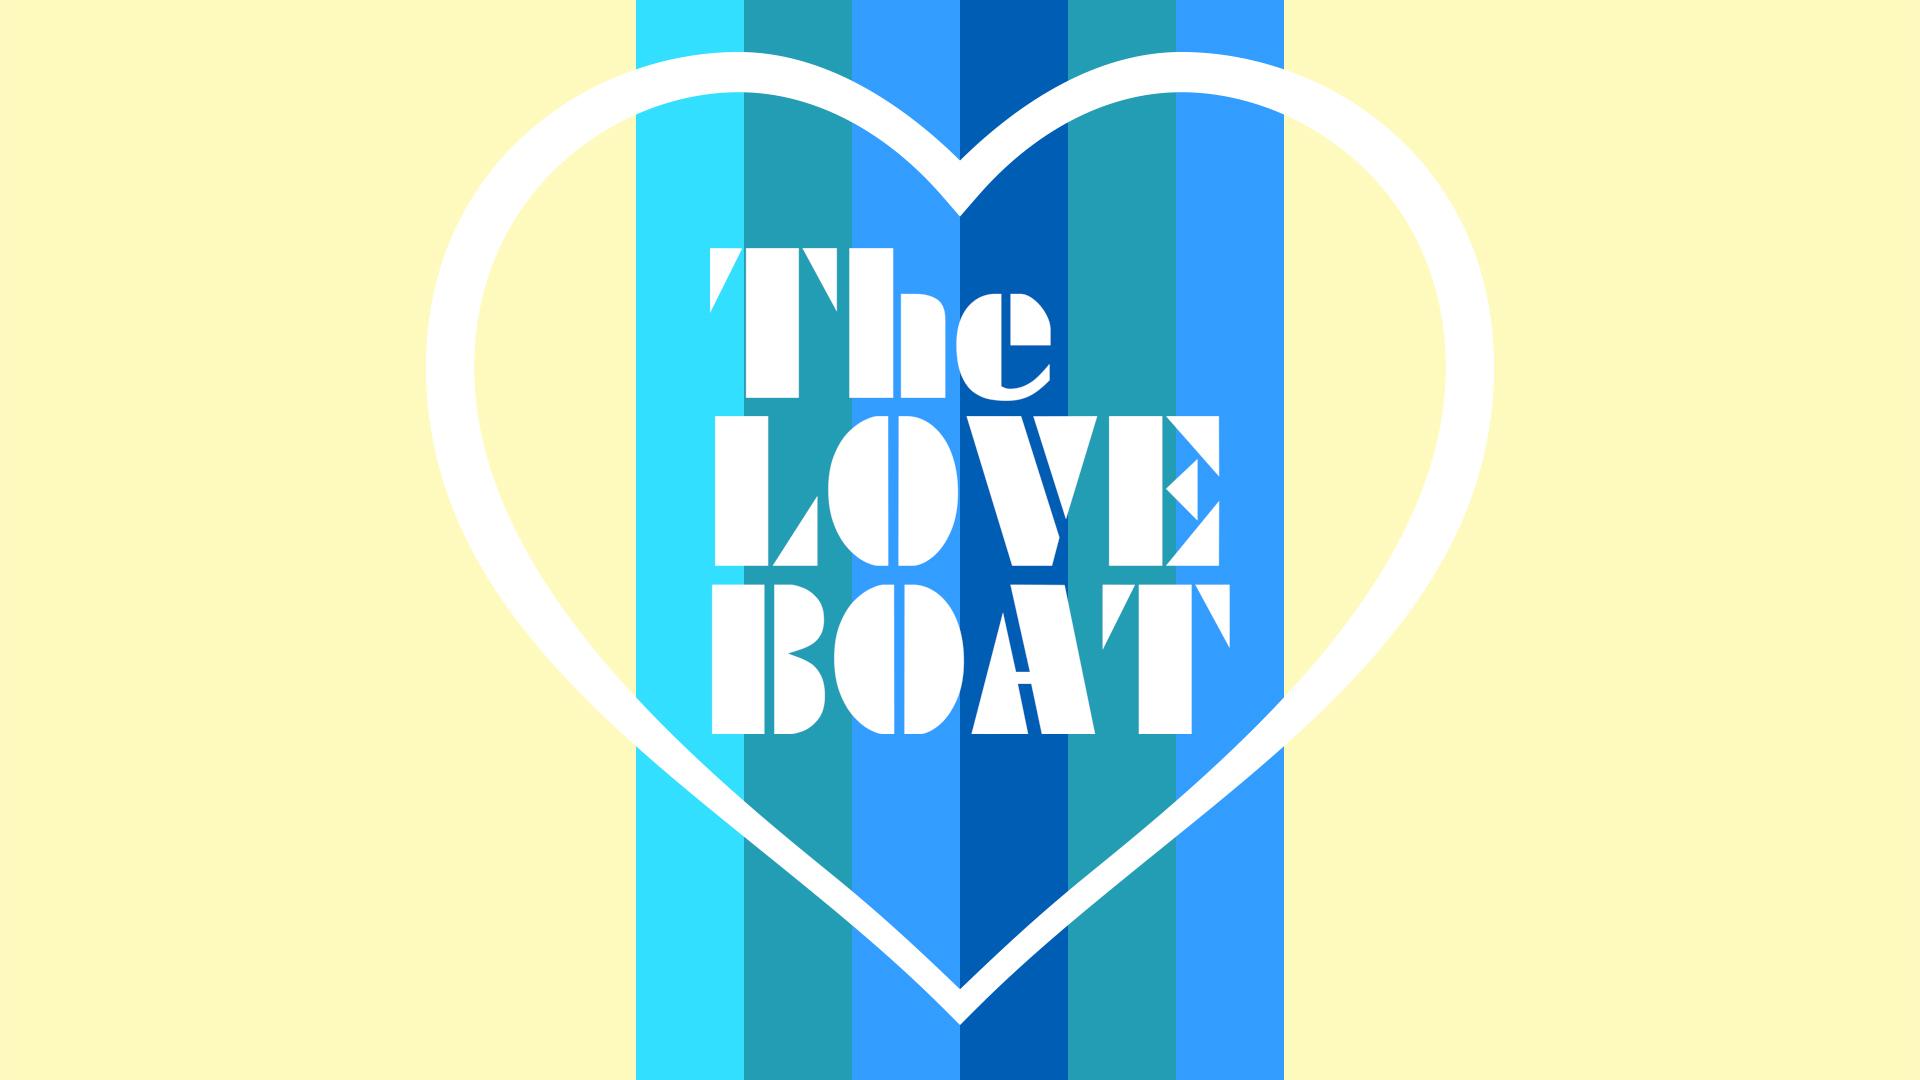 Love Boat Screen Graphic v2.jpg